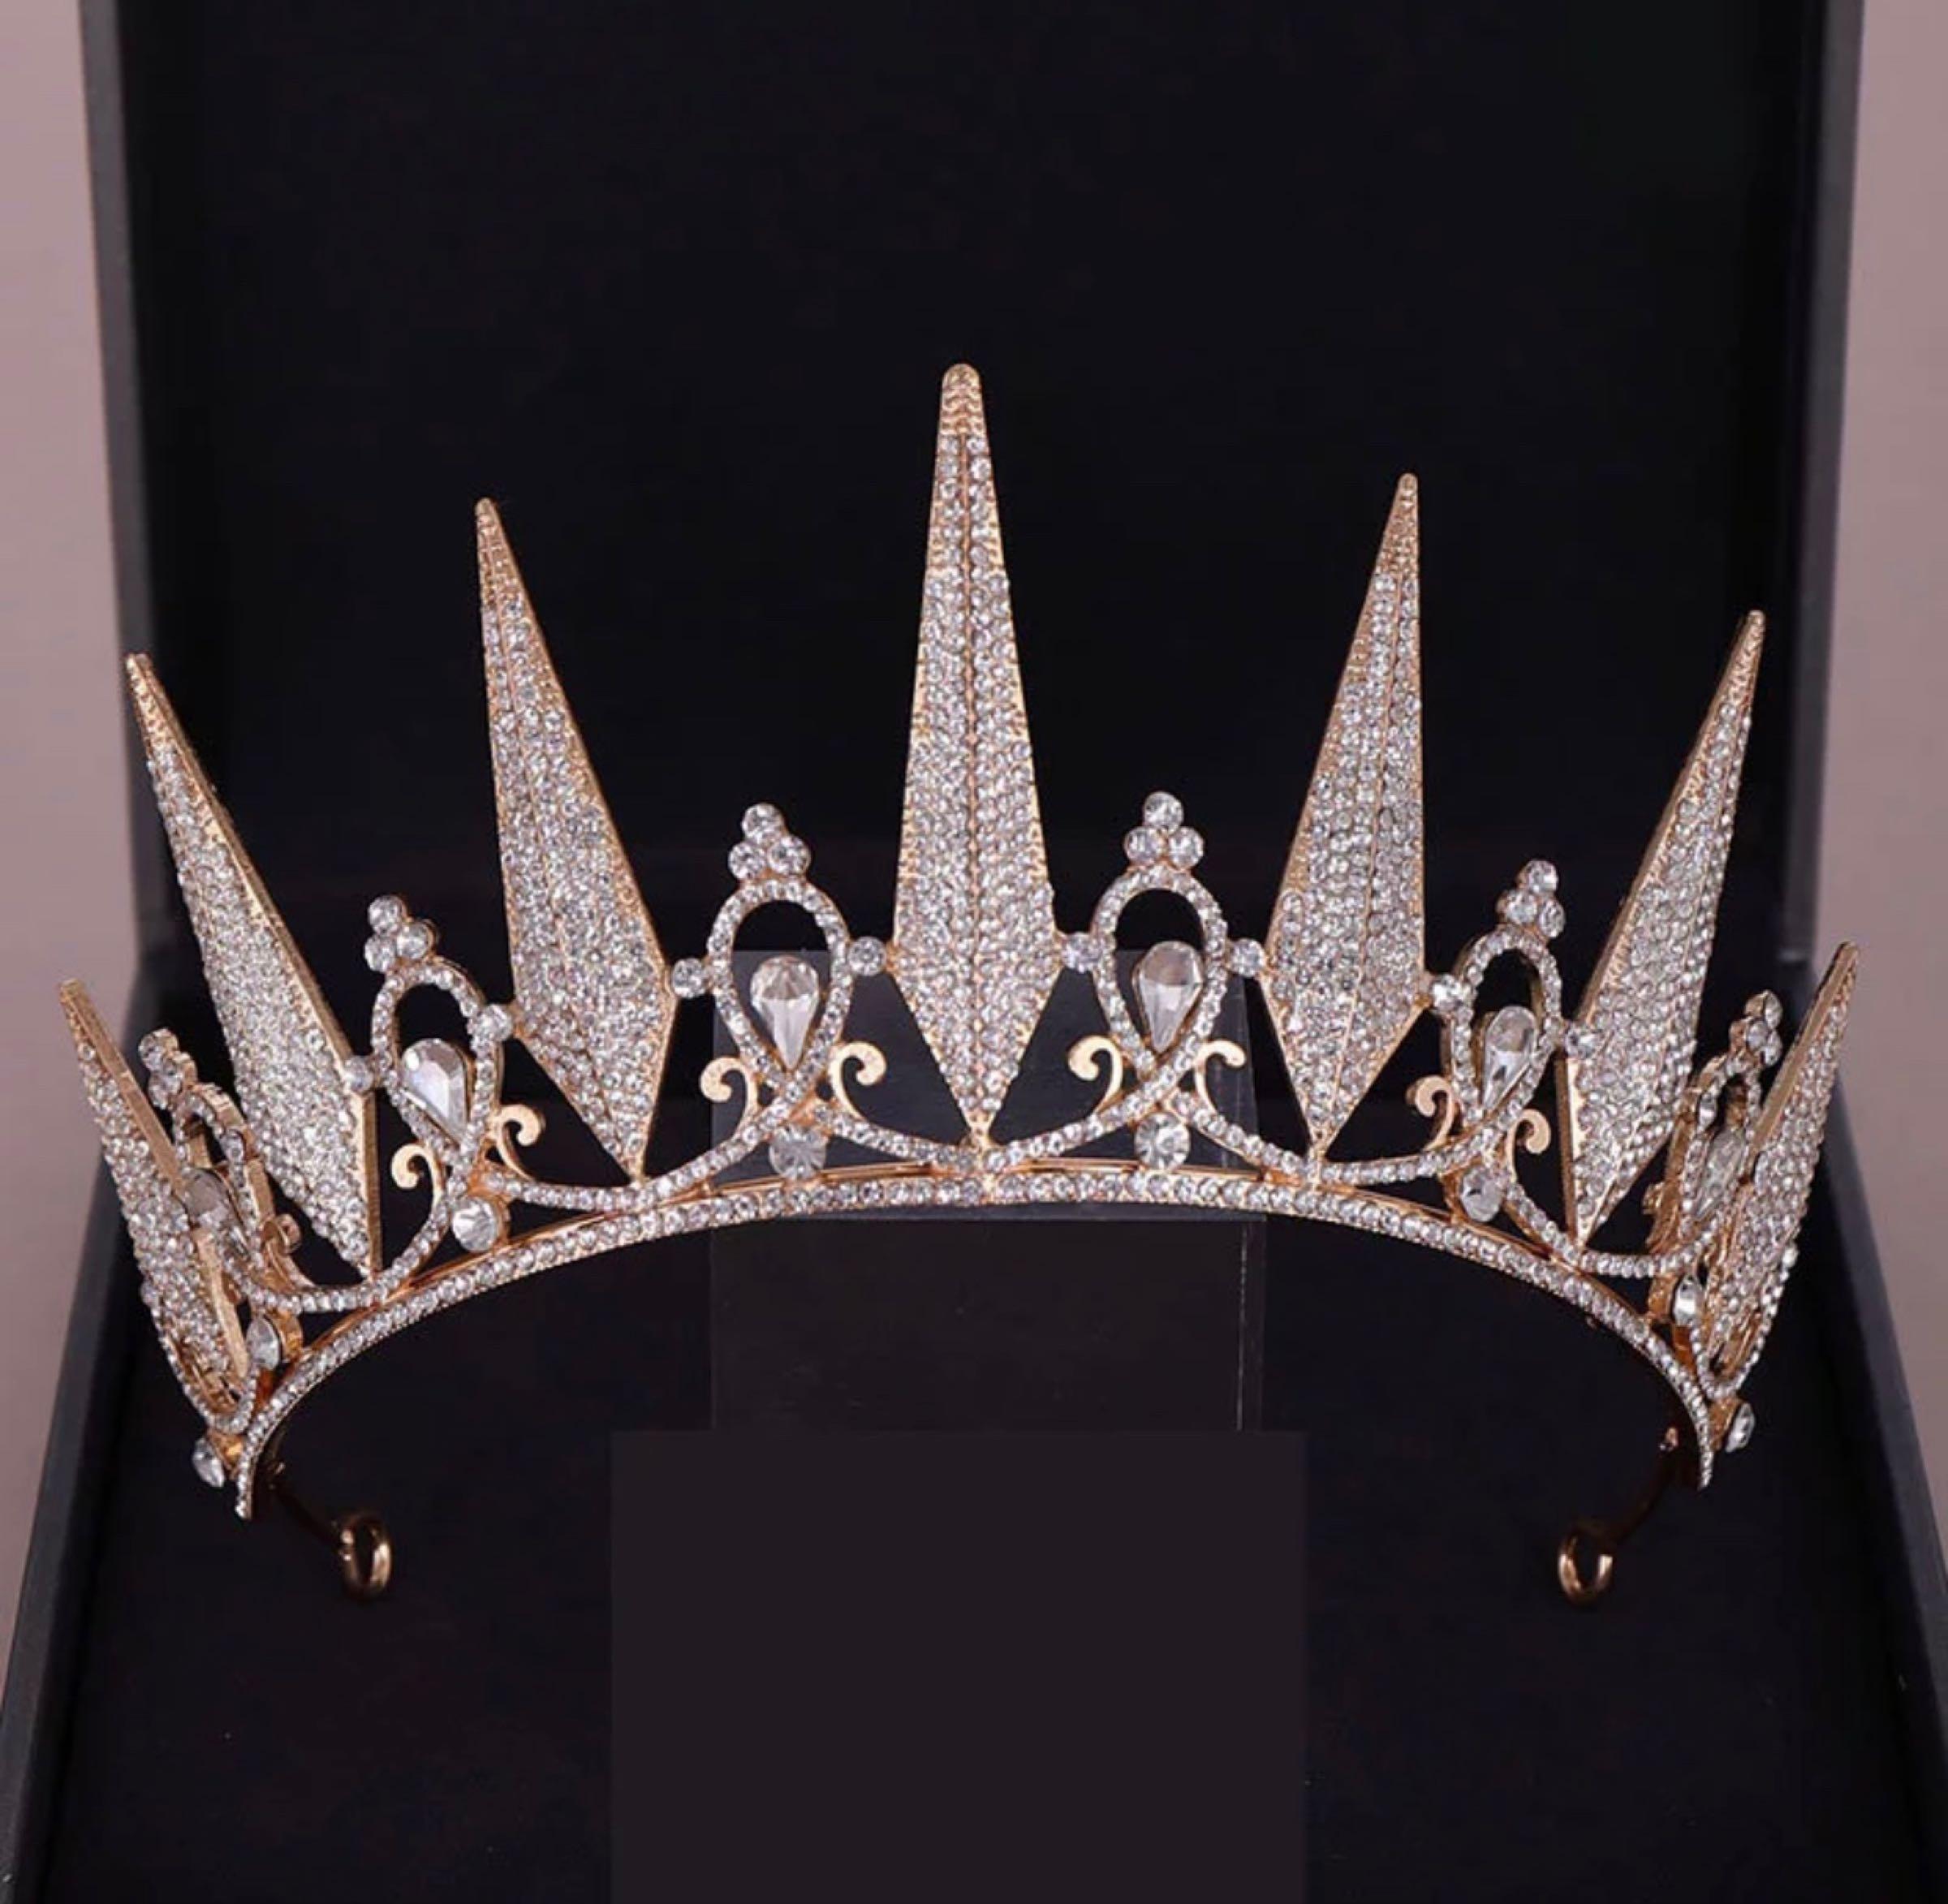 Tiara, kuningatar kultainen